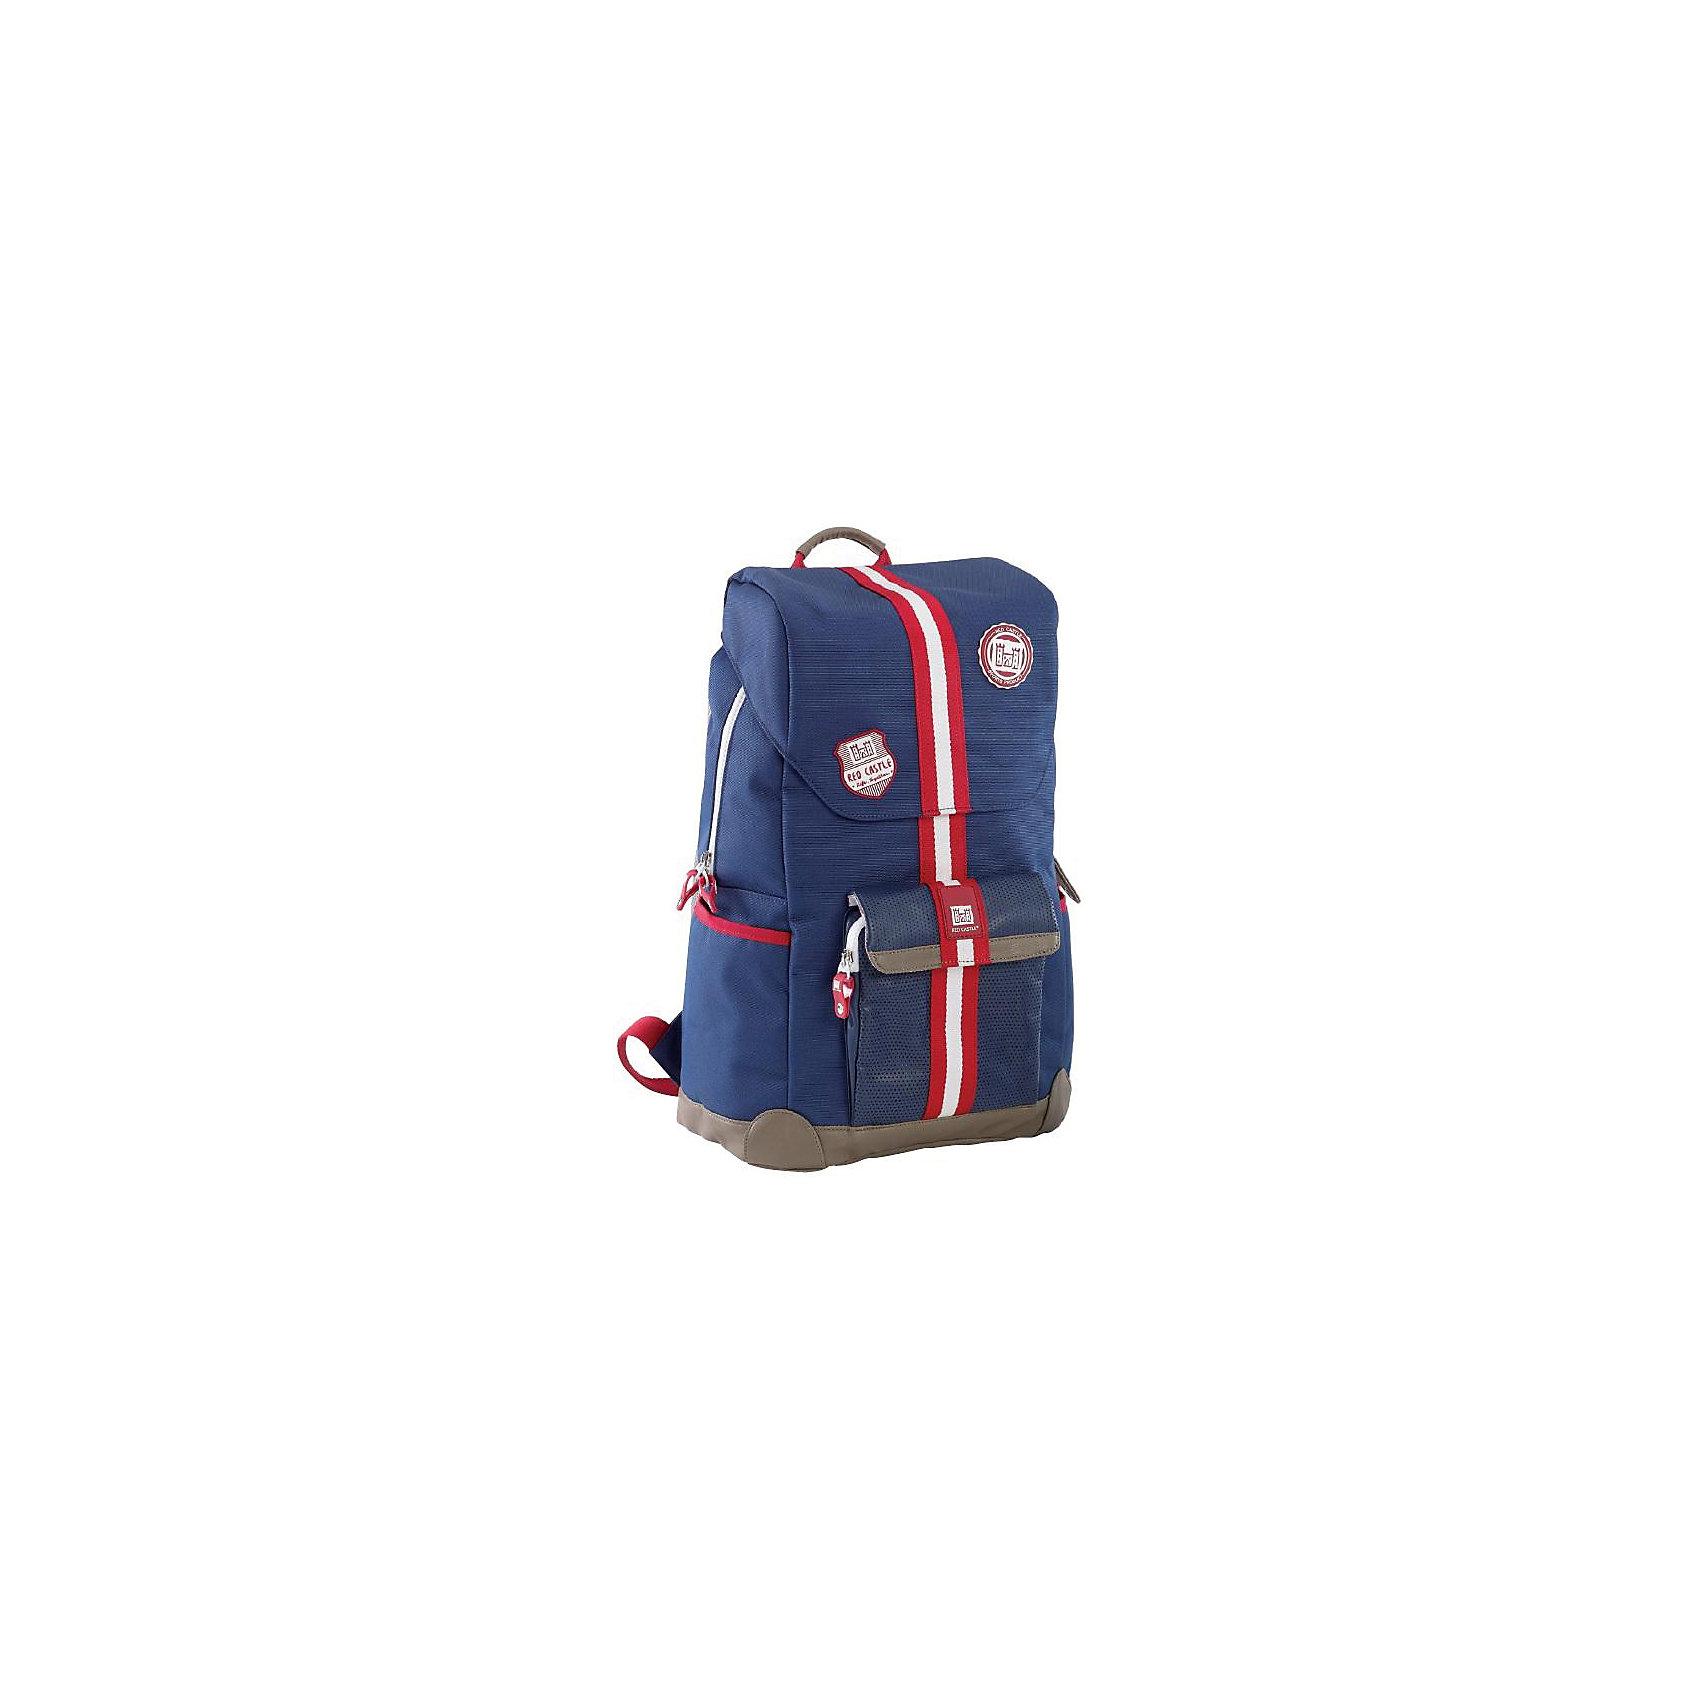 Рюкзак City Changing Bag, Red Castle, голубойВсё для мам<br>Шикарный, стильный рюкзак, ваши руки свободны, когда вы одни или с детьми.<br>• Удобный сменный матрасик, находящийся в специальном отсеке.<br>• Множество карманов для хранения. Передний карман специально для родителей (в нём можно хранить ключи, кошелек, сотовый телефон ...), внешние боковые карманы для других мелочей.<br>• Повышенный комфорт. Мягкая спинка 3D-Mesh – это технически совершенный, дышащий материал.<br>• Эффективный держатель, простой крепежный крюк.<br>• Изотермический карман для бутылочек, оставляет детскую еду теплой или прохладной.<br>• Разработан из высокопрочных материалов для повседневного использования.<br>Уход за изделием:<br>Чистка влажной губкой или машинная стирка в деликатном режиме.<br> Матрасик : Машинная стирка 30 °.<br><br>Ширина мм: 320<br>Глубина мм: 130<br>Высота мм: 480<br>Вес г: 1350<br>Возраст от месяцев: 216<br>Возраст до месяцев: 1188<br>Пол: Унисекс<br>Возраст: Детский<br>SKU: 6681997